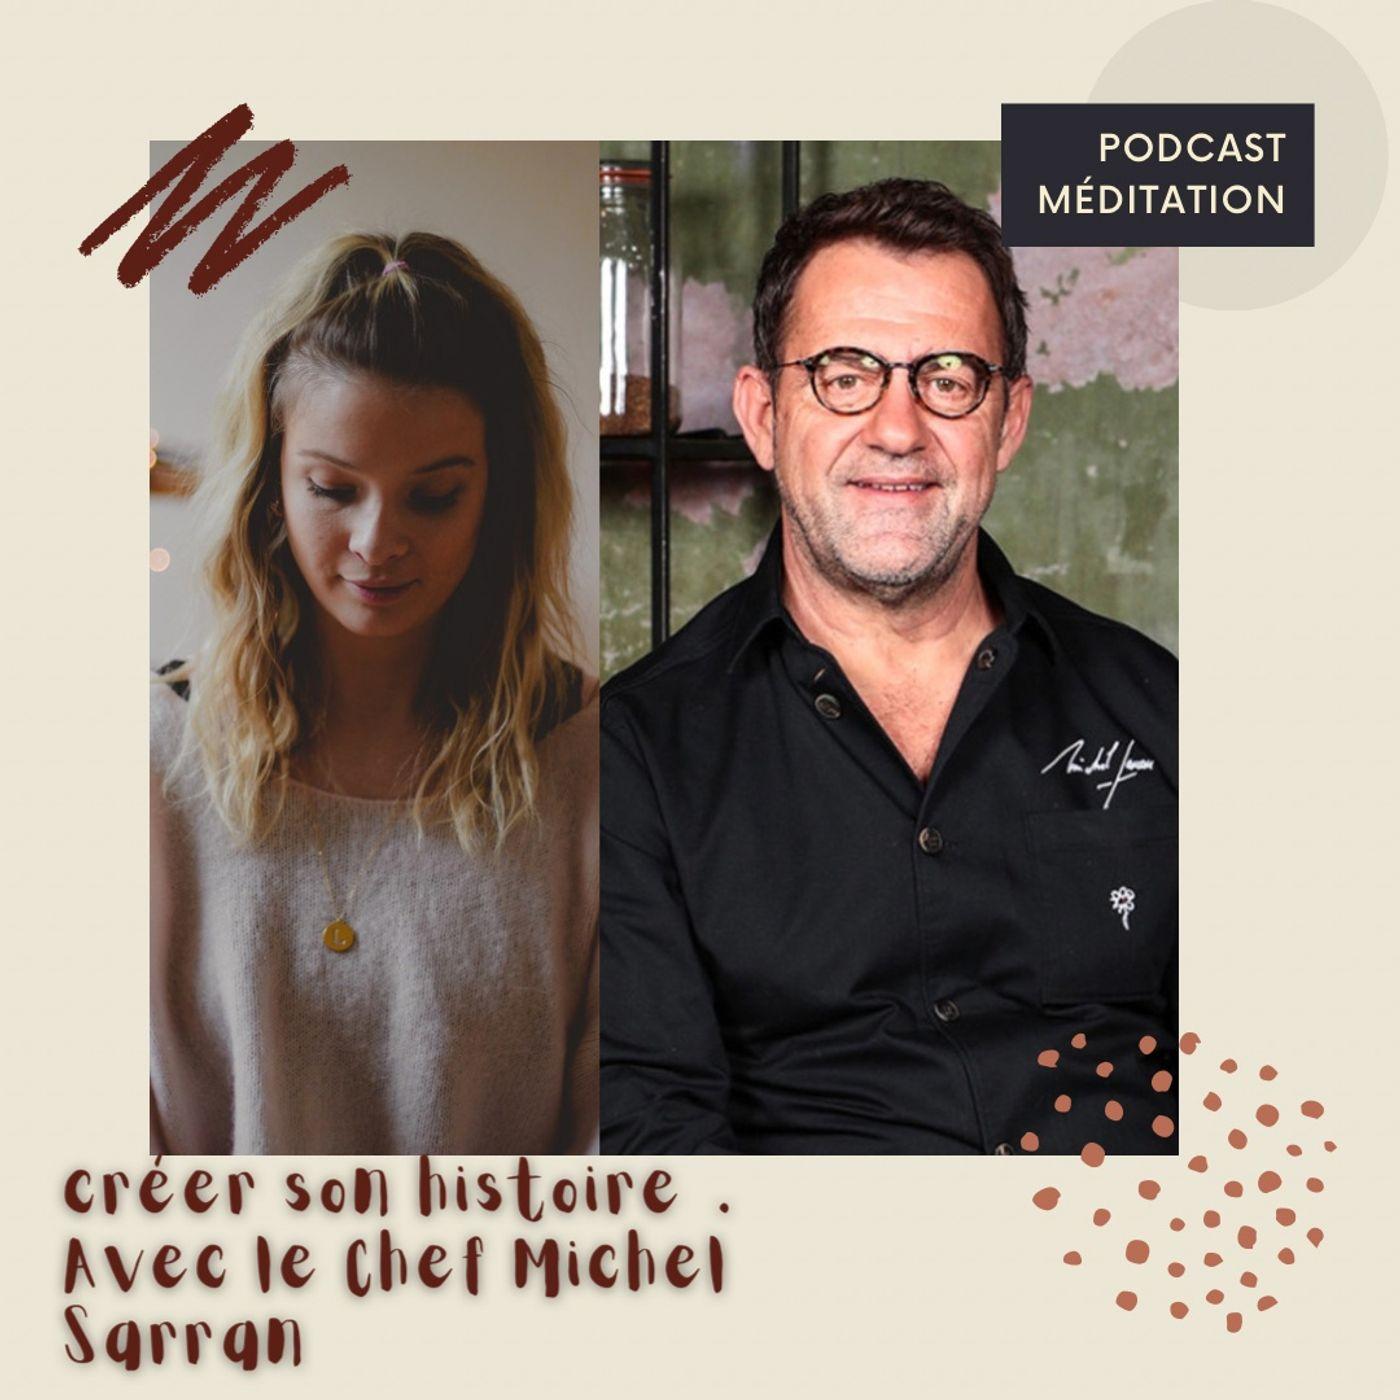 Créer son histoire, avec Michel Sarran